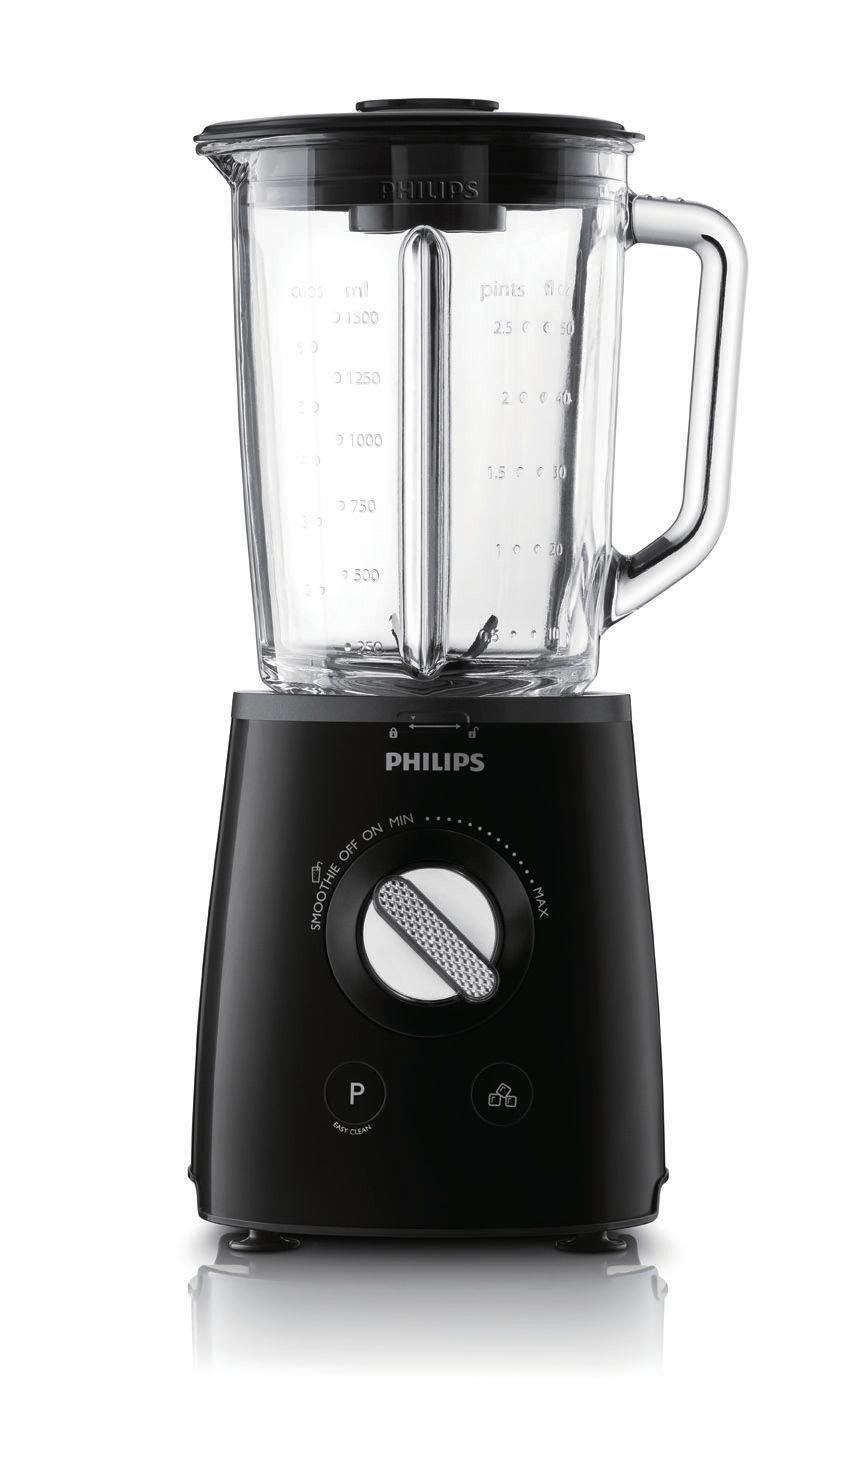 Philips Avance Collection HR2095/91 Batidora de vaso 1.5L 700W Negro - Licuadora (1,5 L, Batidora de vaso, Negro, 1 m, Vidrio, Polipropileno): Amazon.es: ...